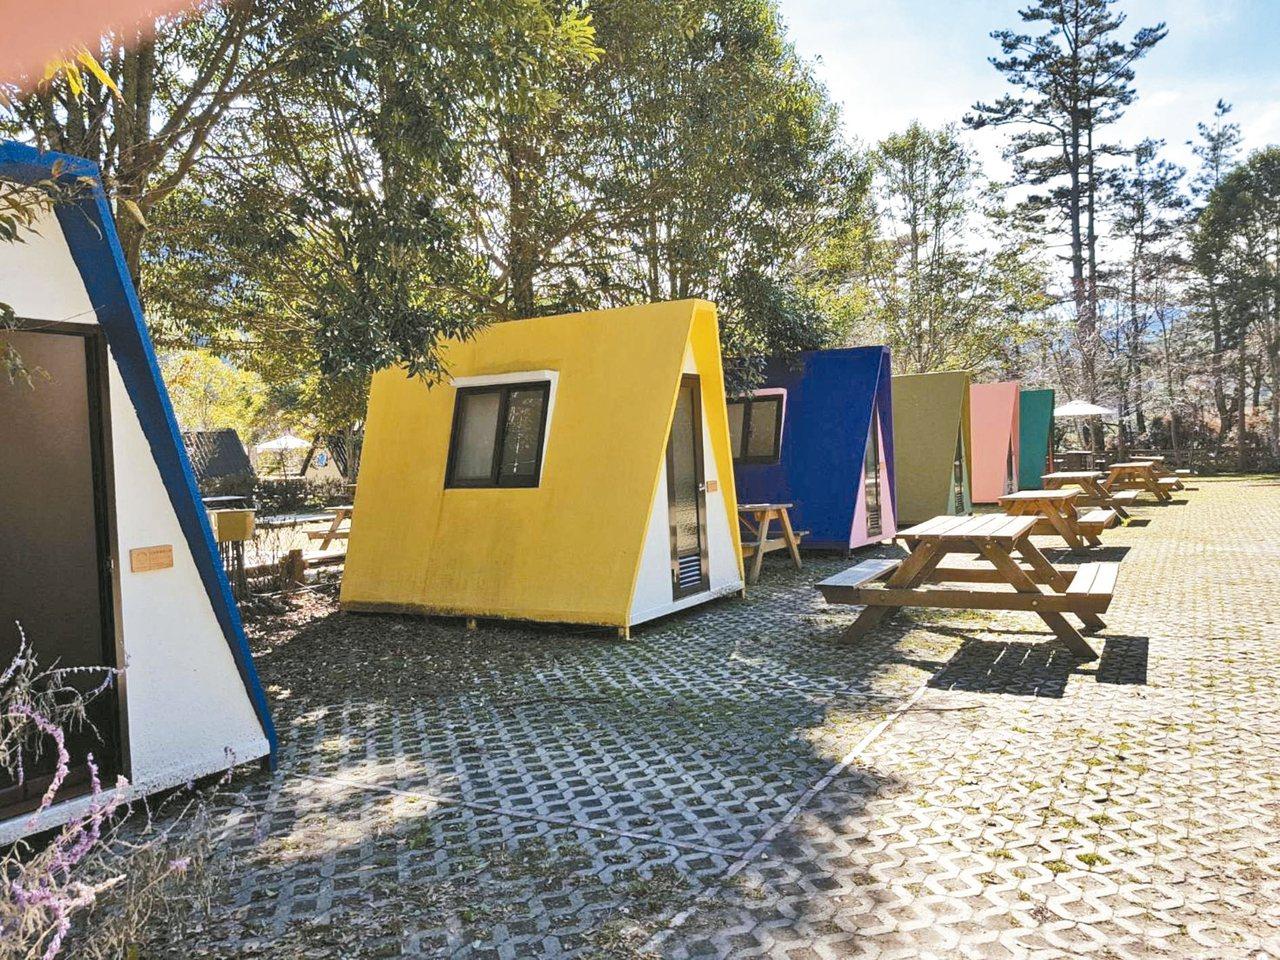 武陵農場露營區有分為露營位及露營屋。 圖/摘自武陵農場粉絲專頁